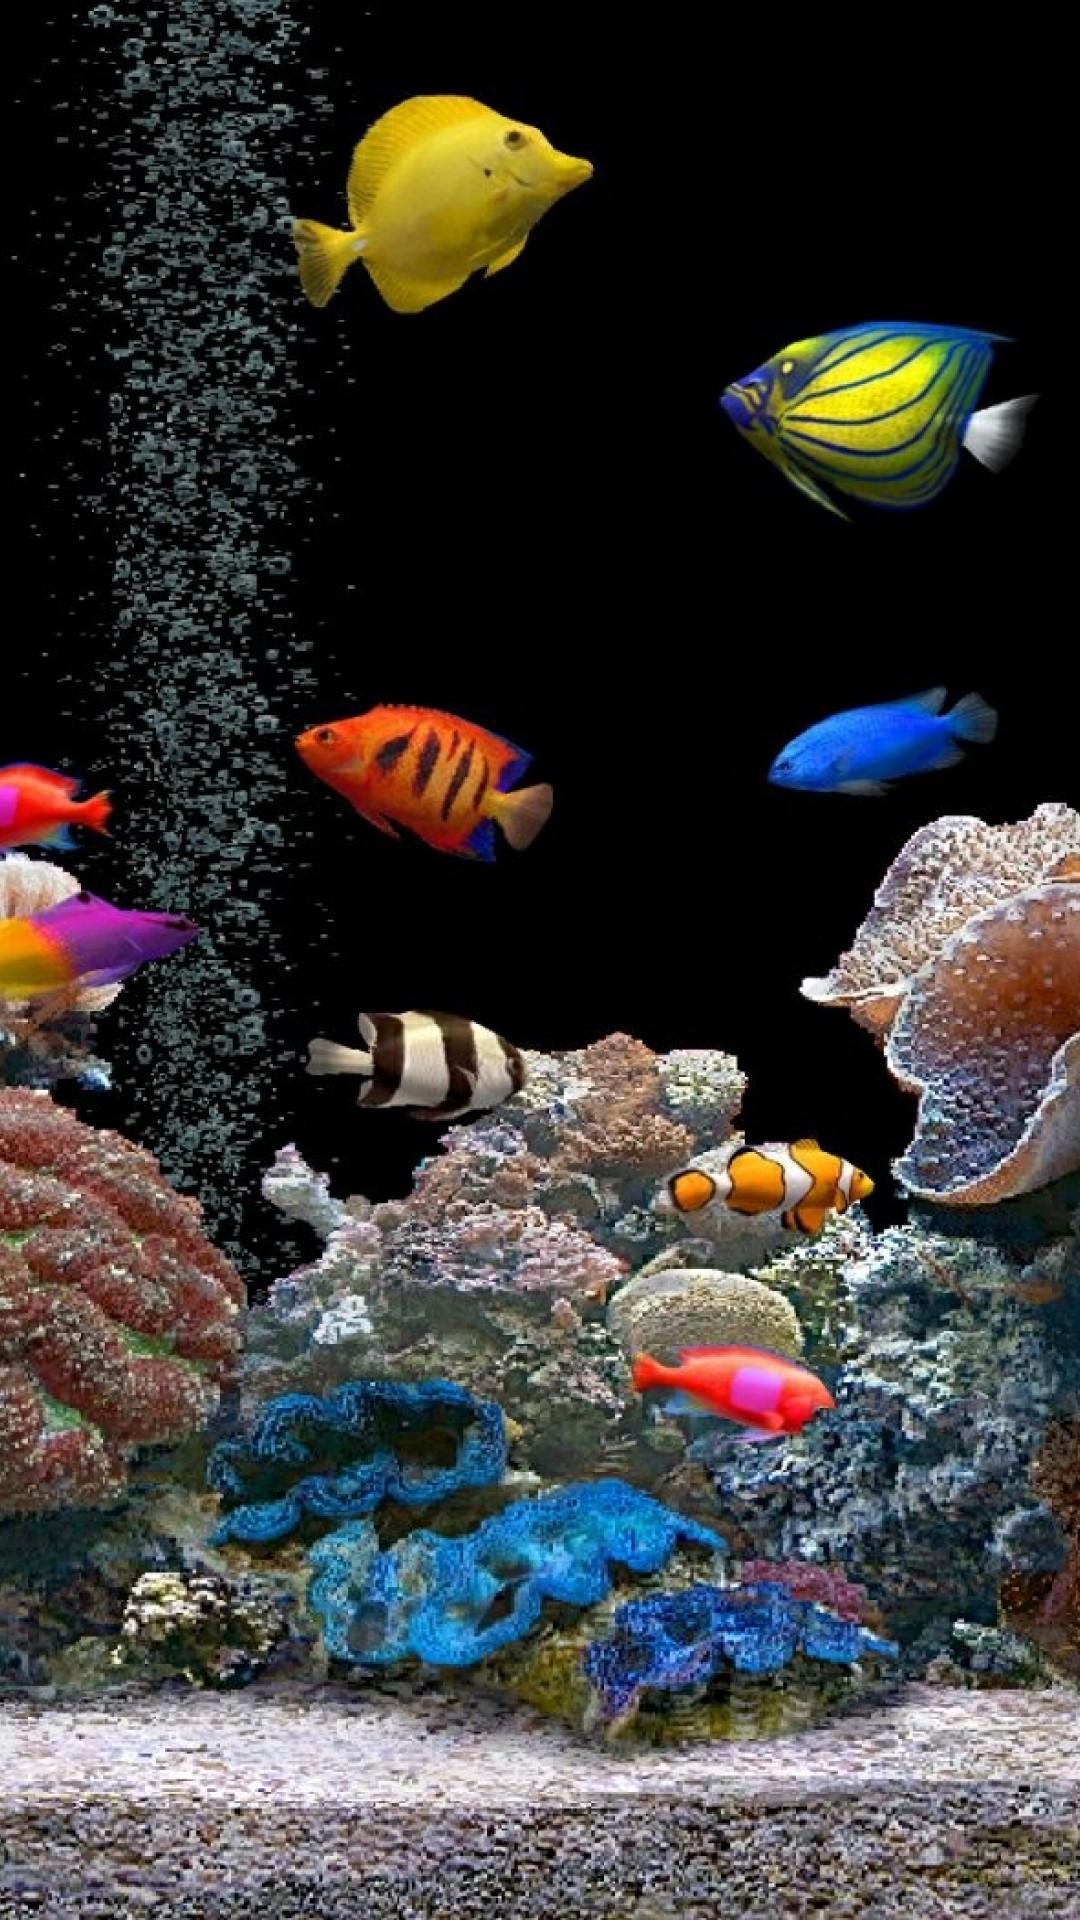 3D Aquarium Wallpaper (52+ images)